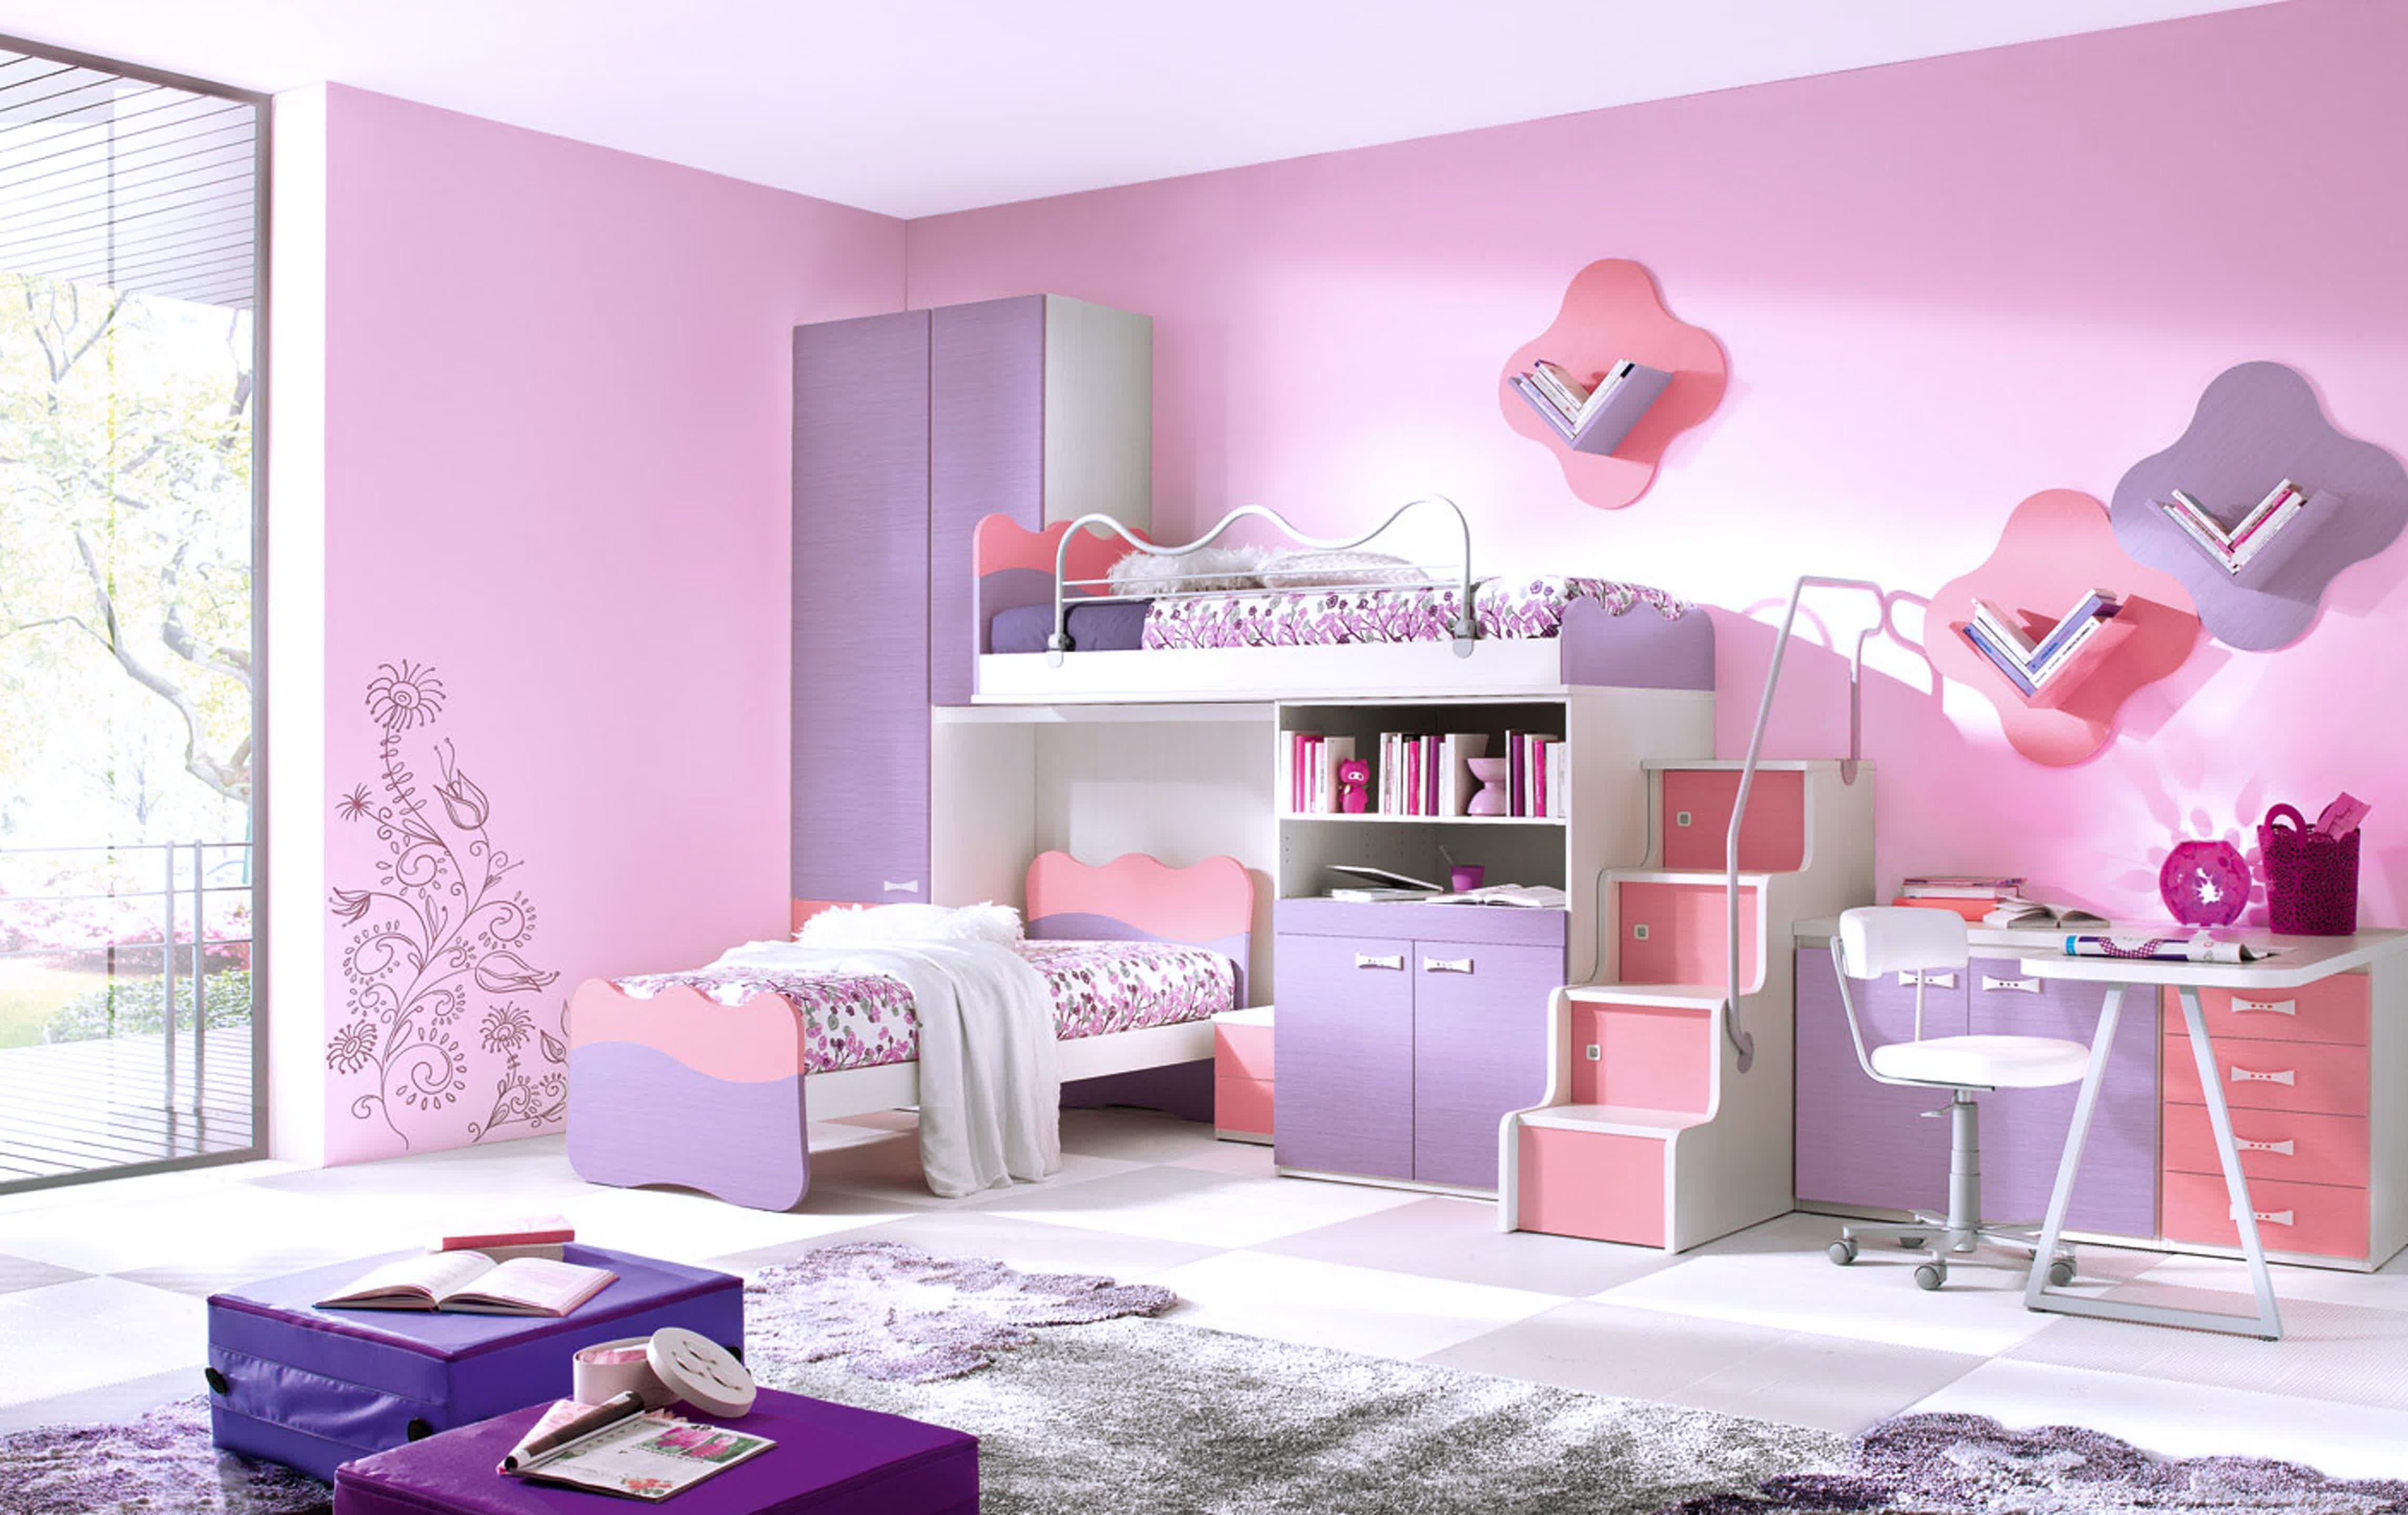 Girl toddler Bedroom Set Elegant 35 Pink Girly Bedroom Color Schemes that Will Make